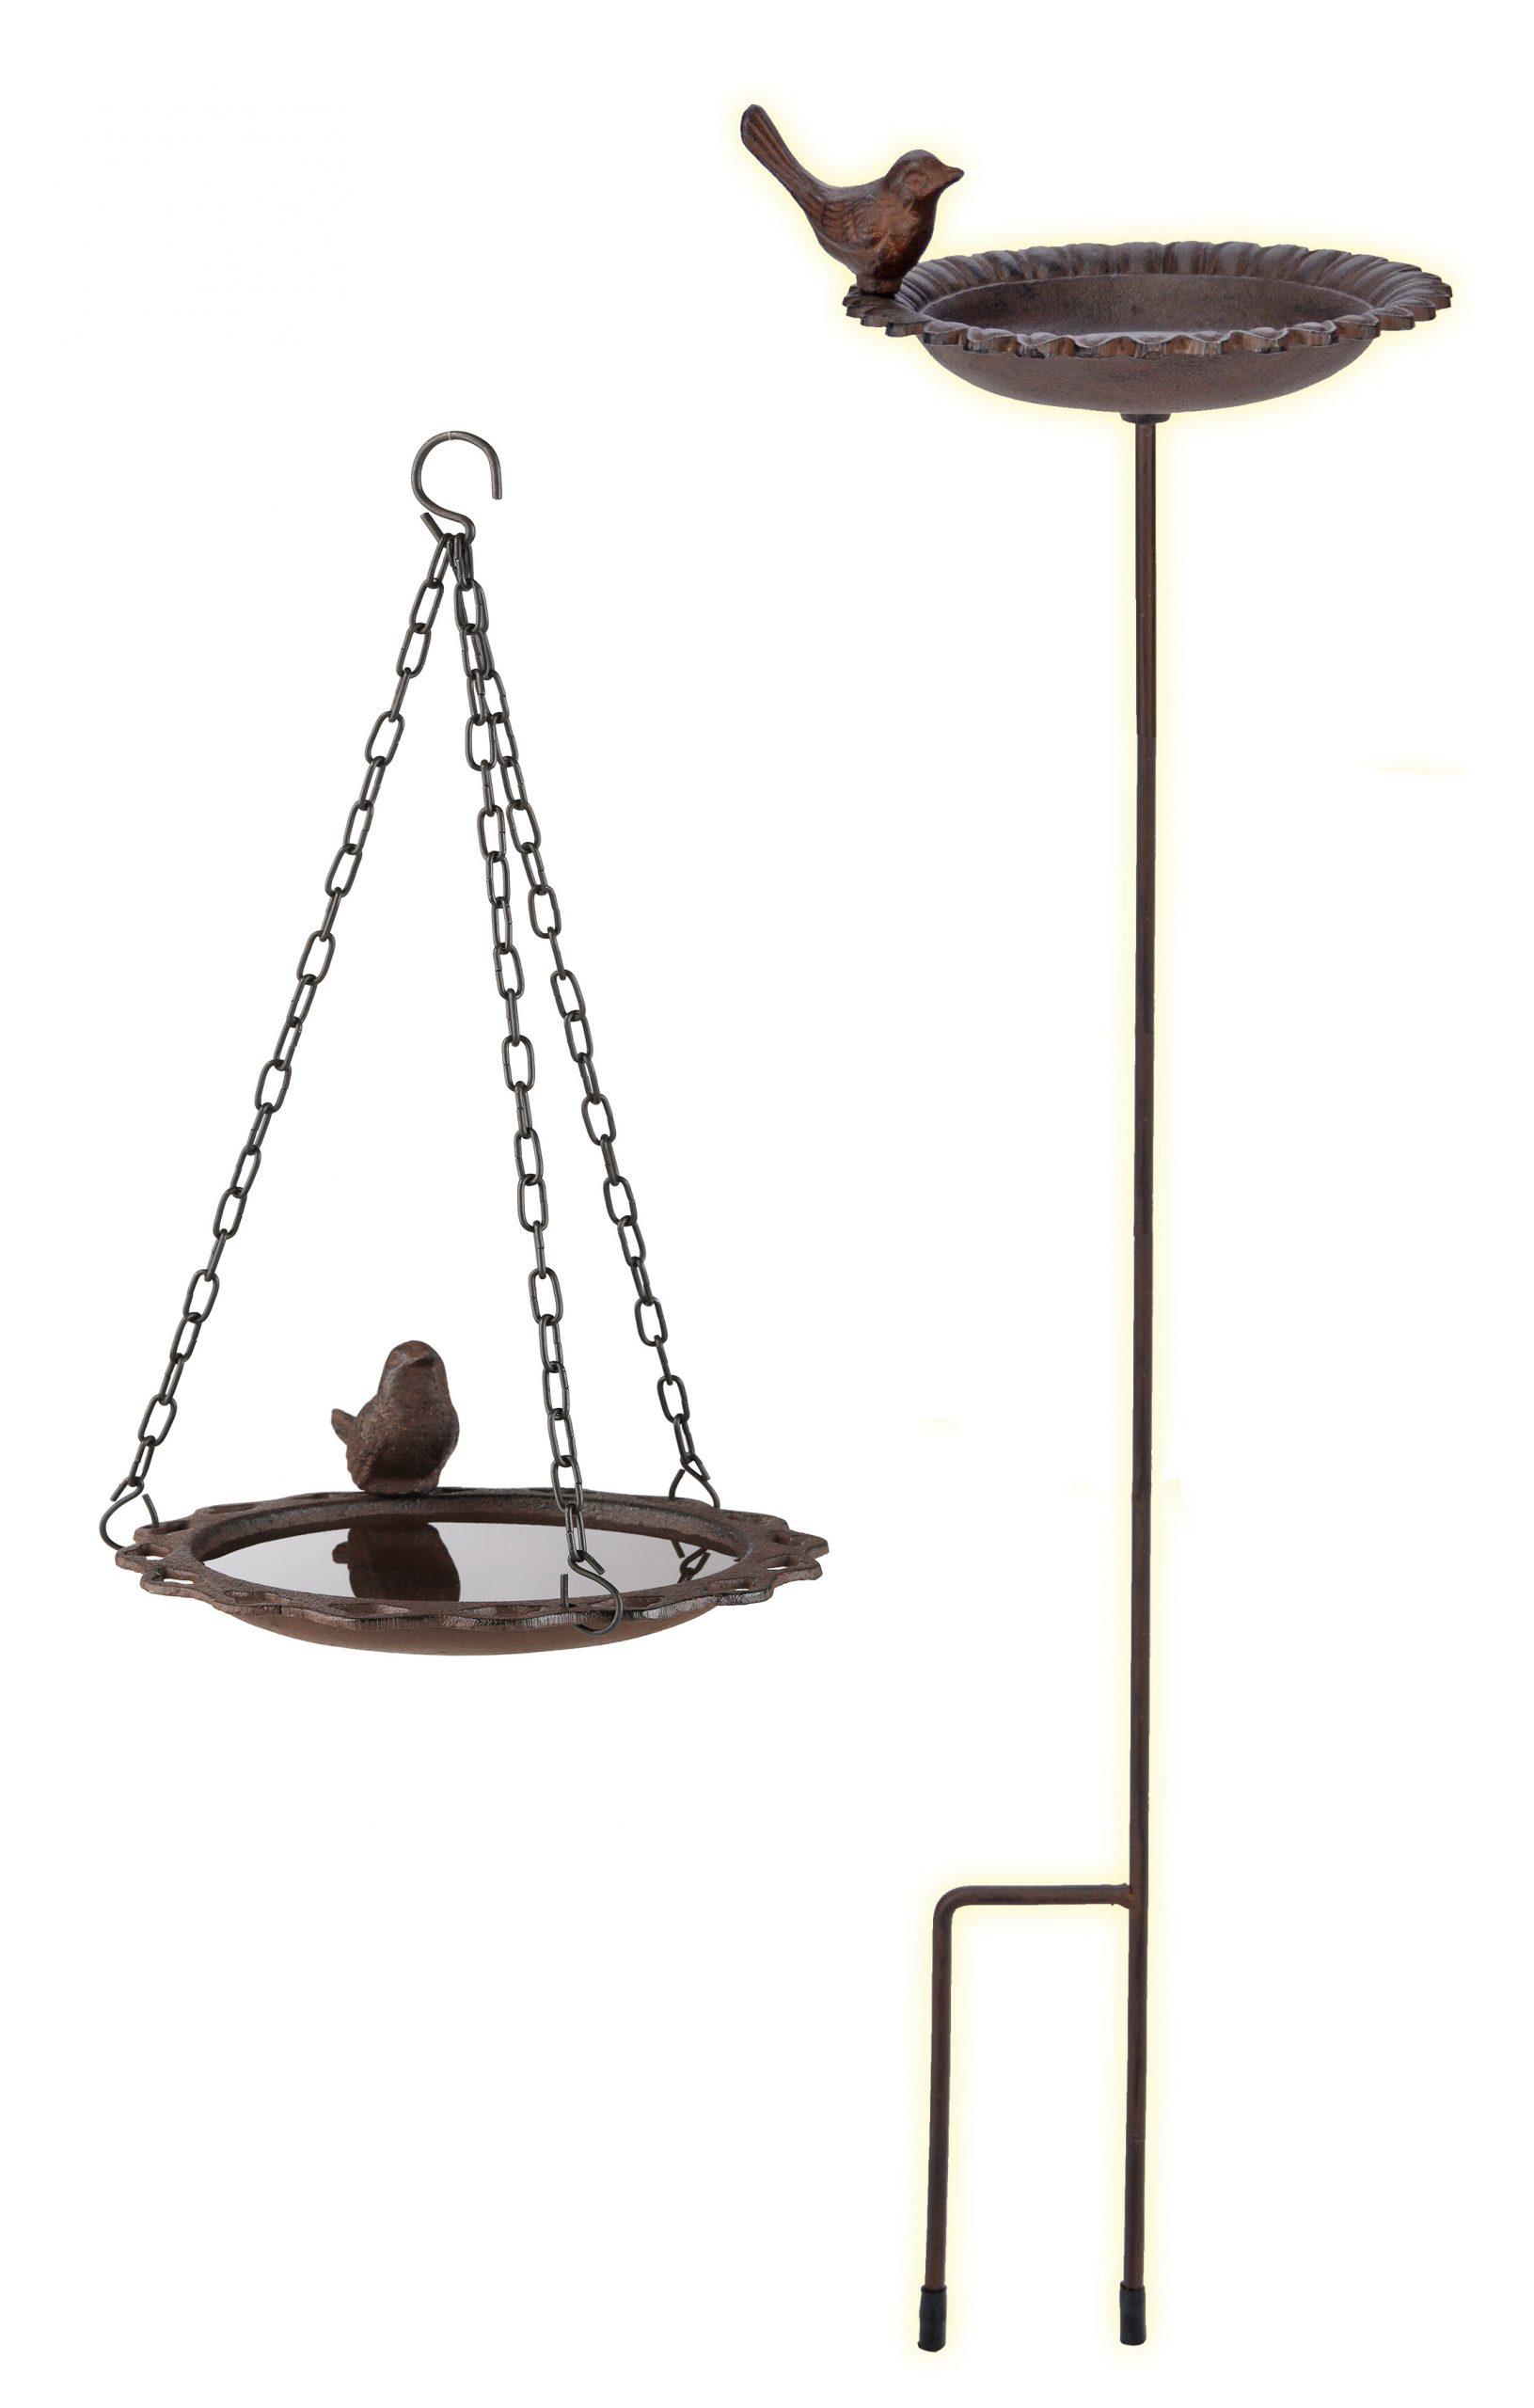 Détails Sur Vasque À Oiseaux Suspendues Debout Connecteur Barre Métal Fonte  Oiseaux Fontaine Jardin- Afficher Le Titre D'origine à Fontaine De Jardin En Fonte